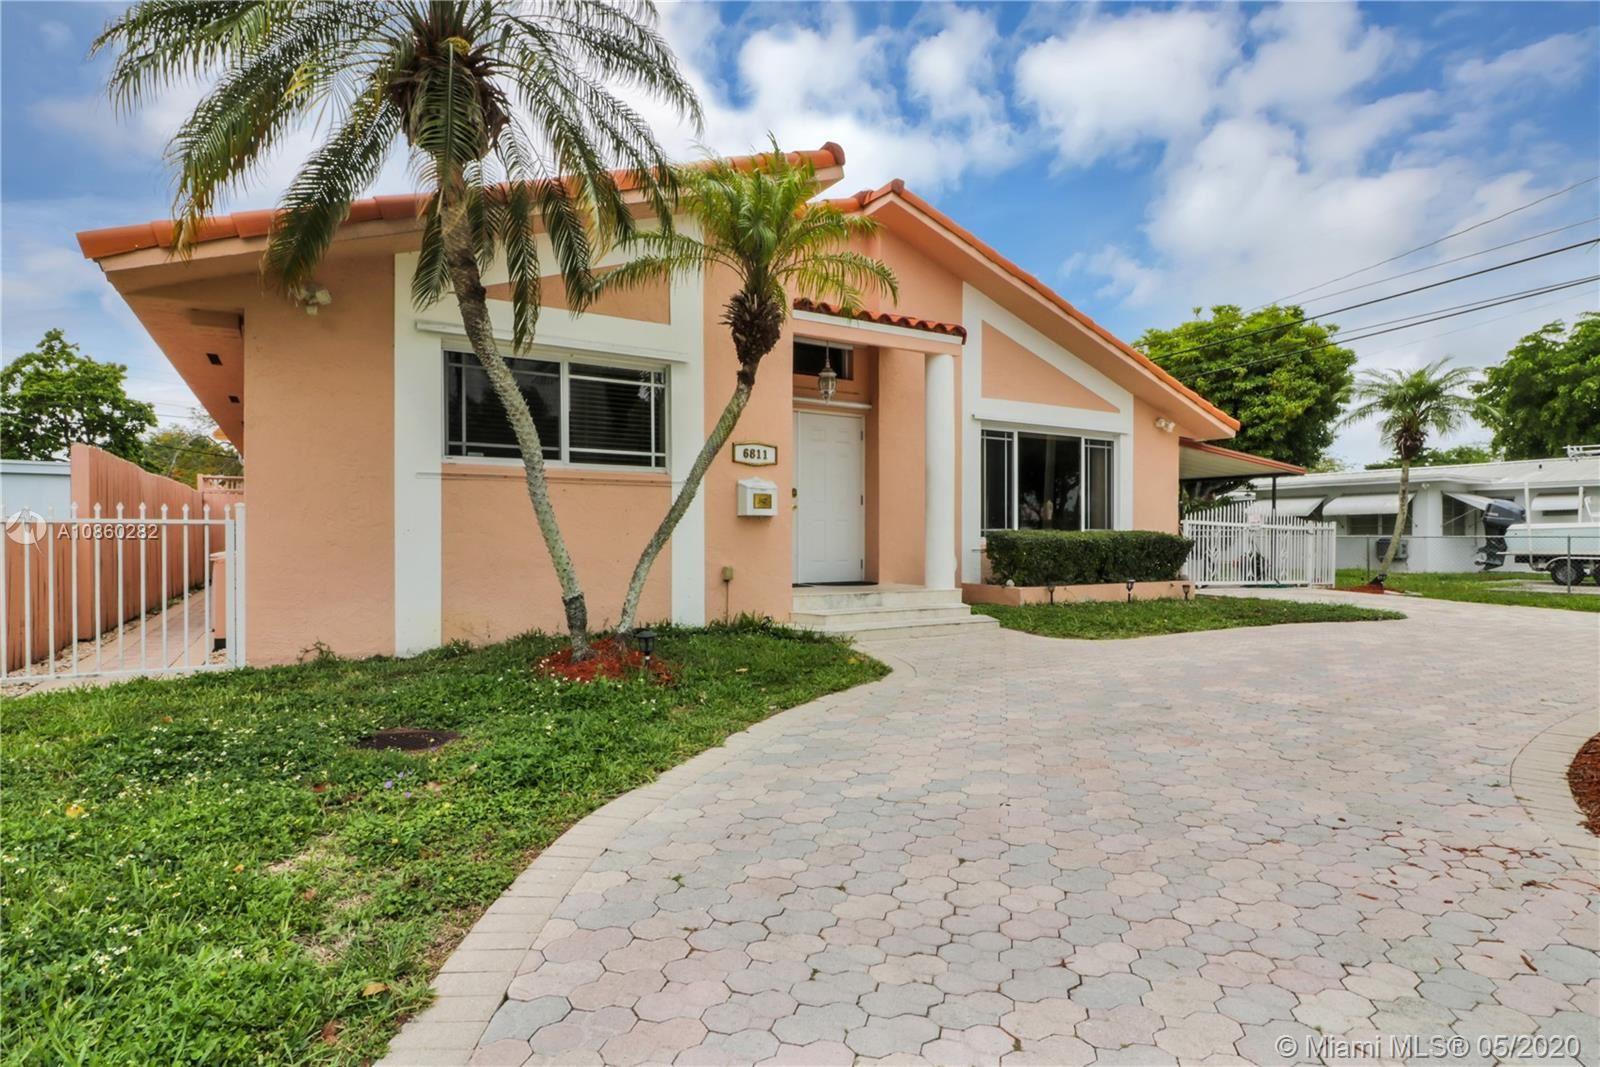 6811 SW 38th St, Miami, FL 33155 - #: A10860282